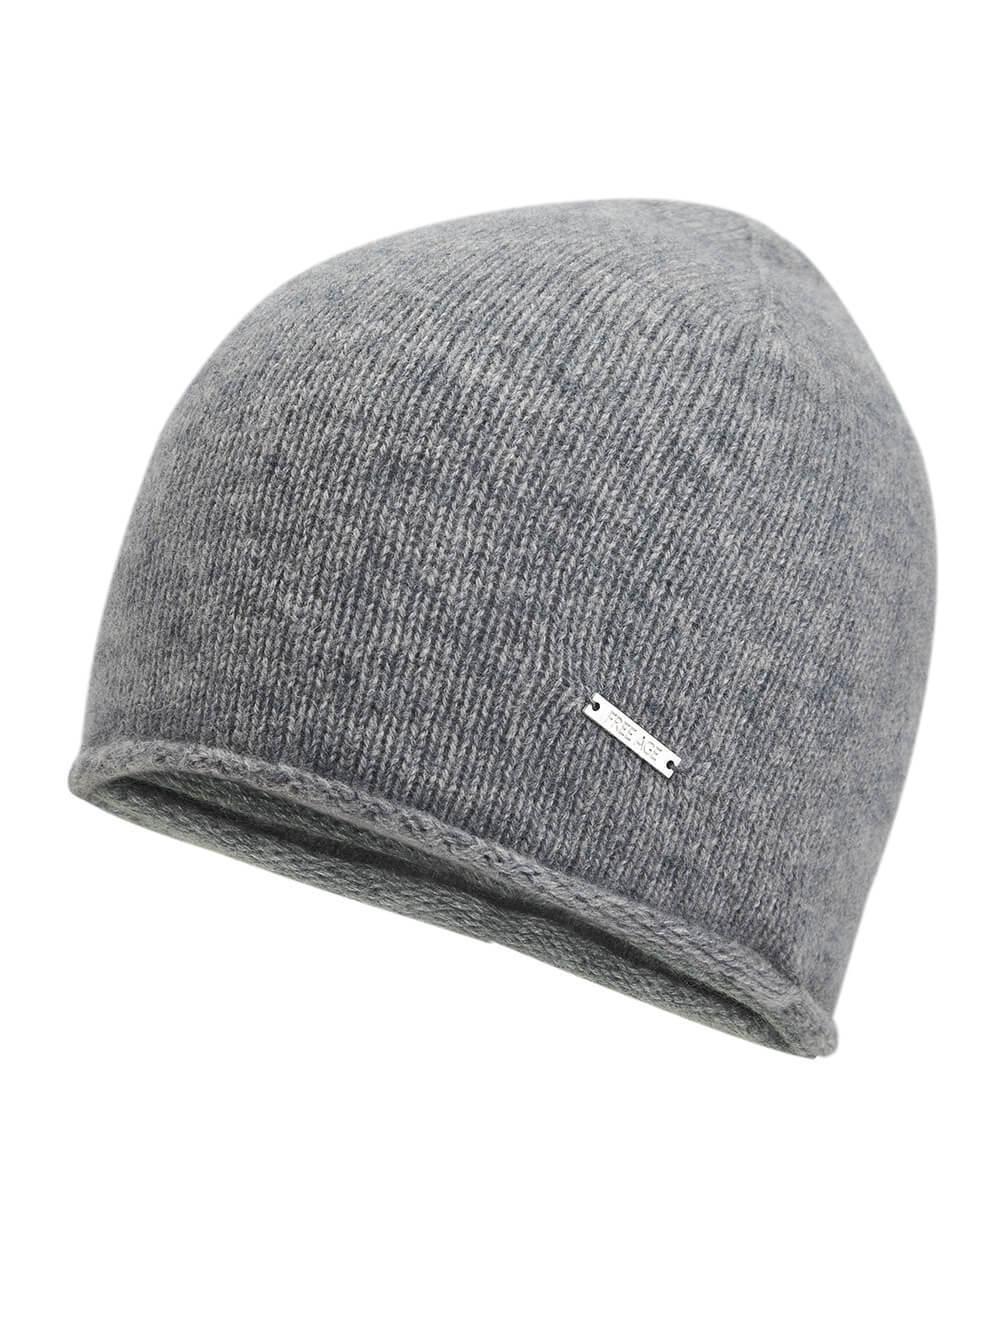 Женская серая шапка из 100% кашемира - фото 1